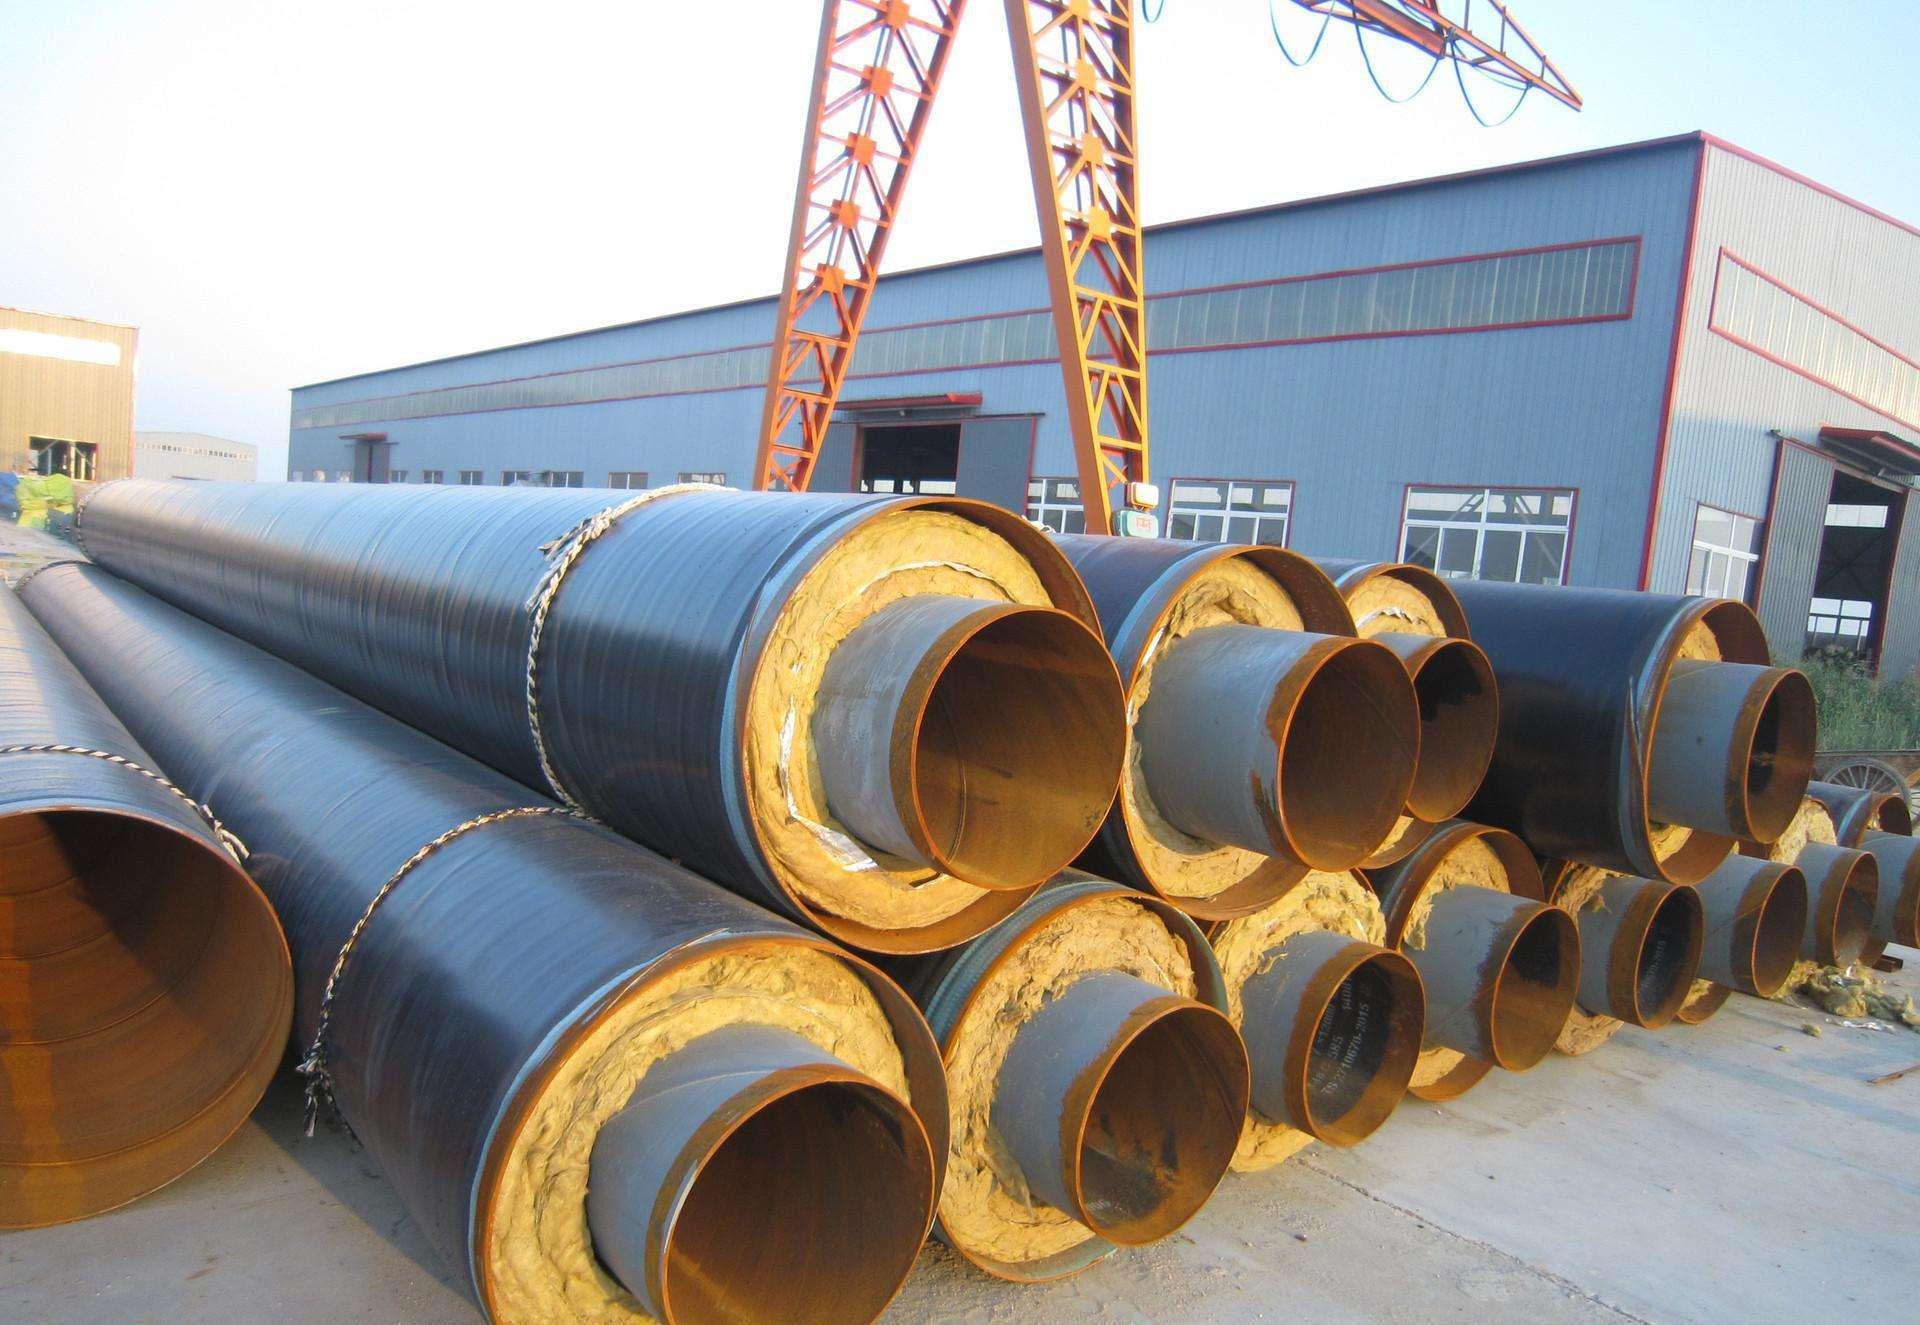 菏泽民生热力有限公司城市供热聚氨酯直埋保温管道工程